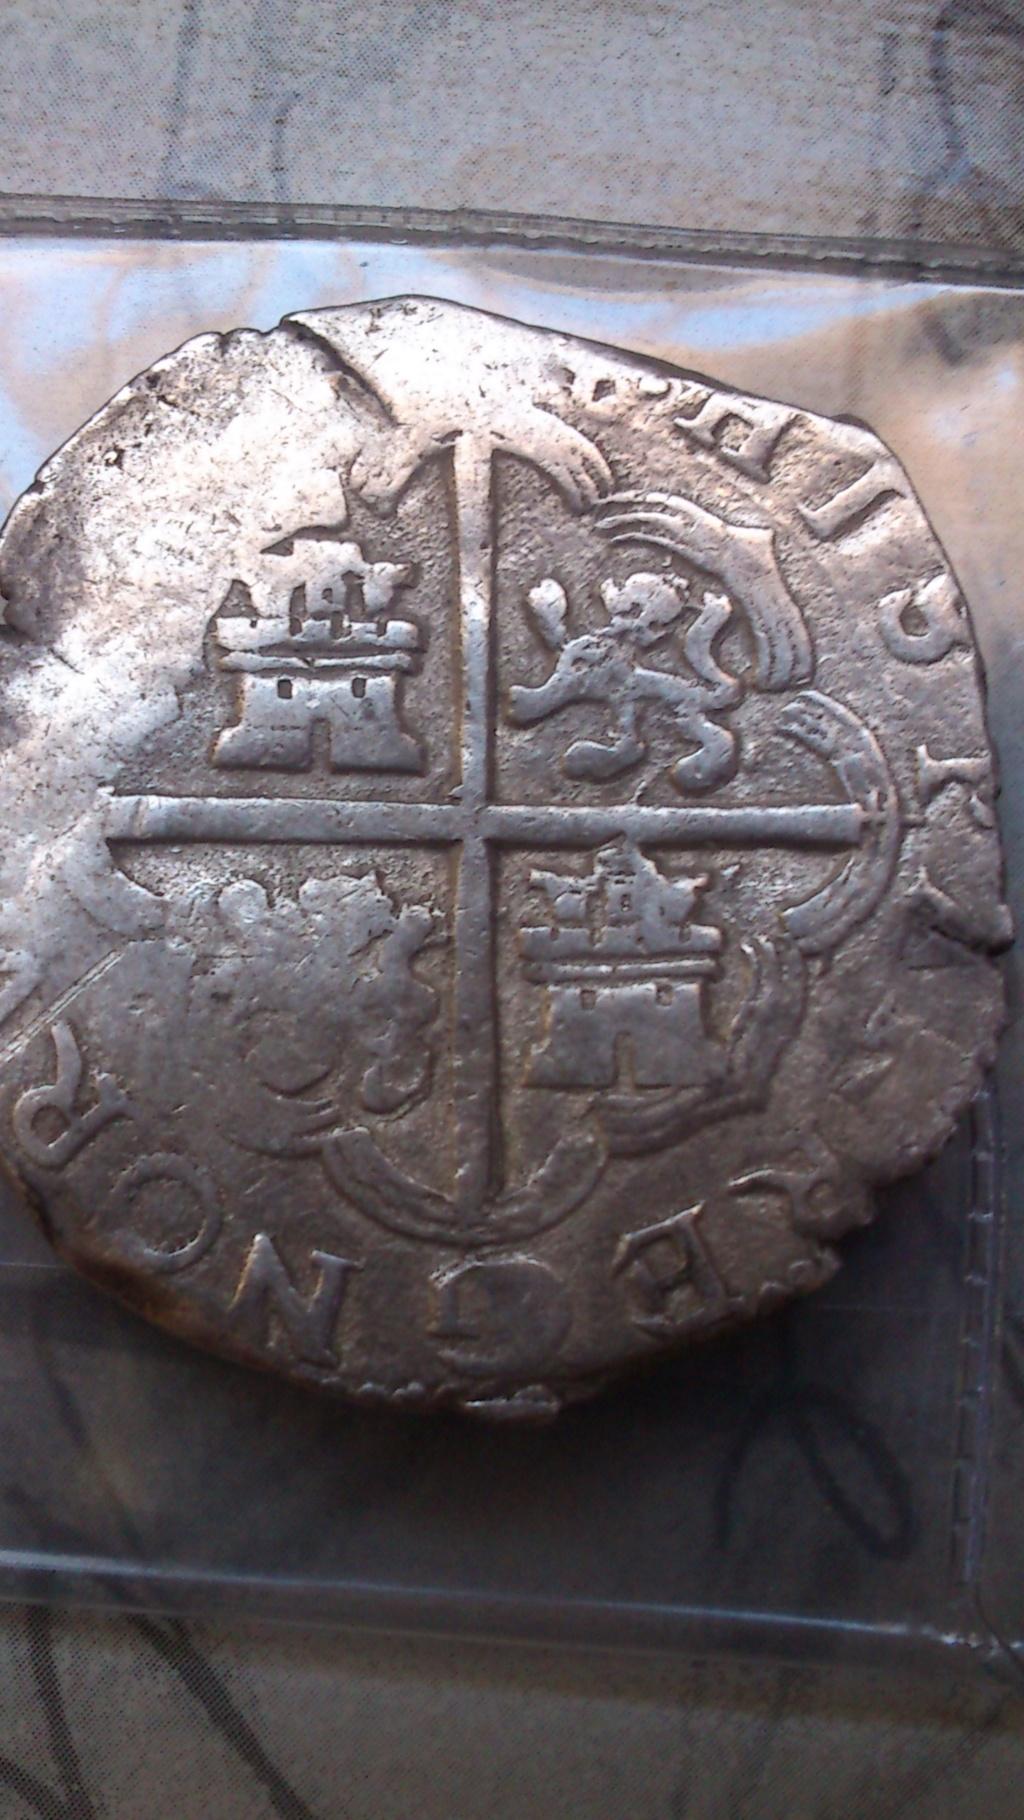 8 Reales de Felipe III. Tipo OMNIVM ceca de Sevilla. - Página 2 Dsc_0037